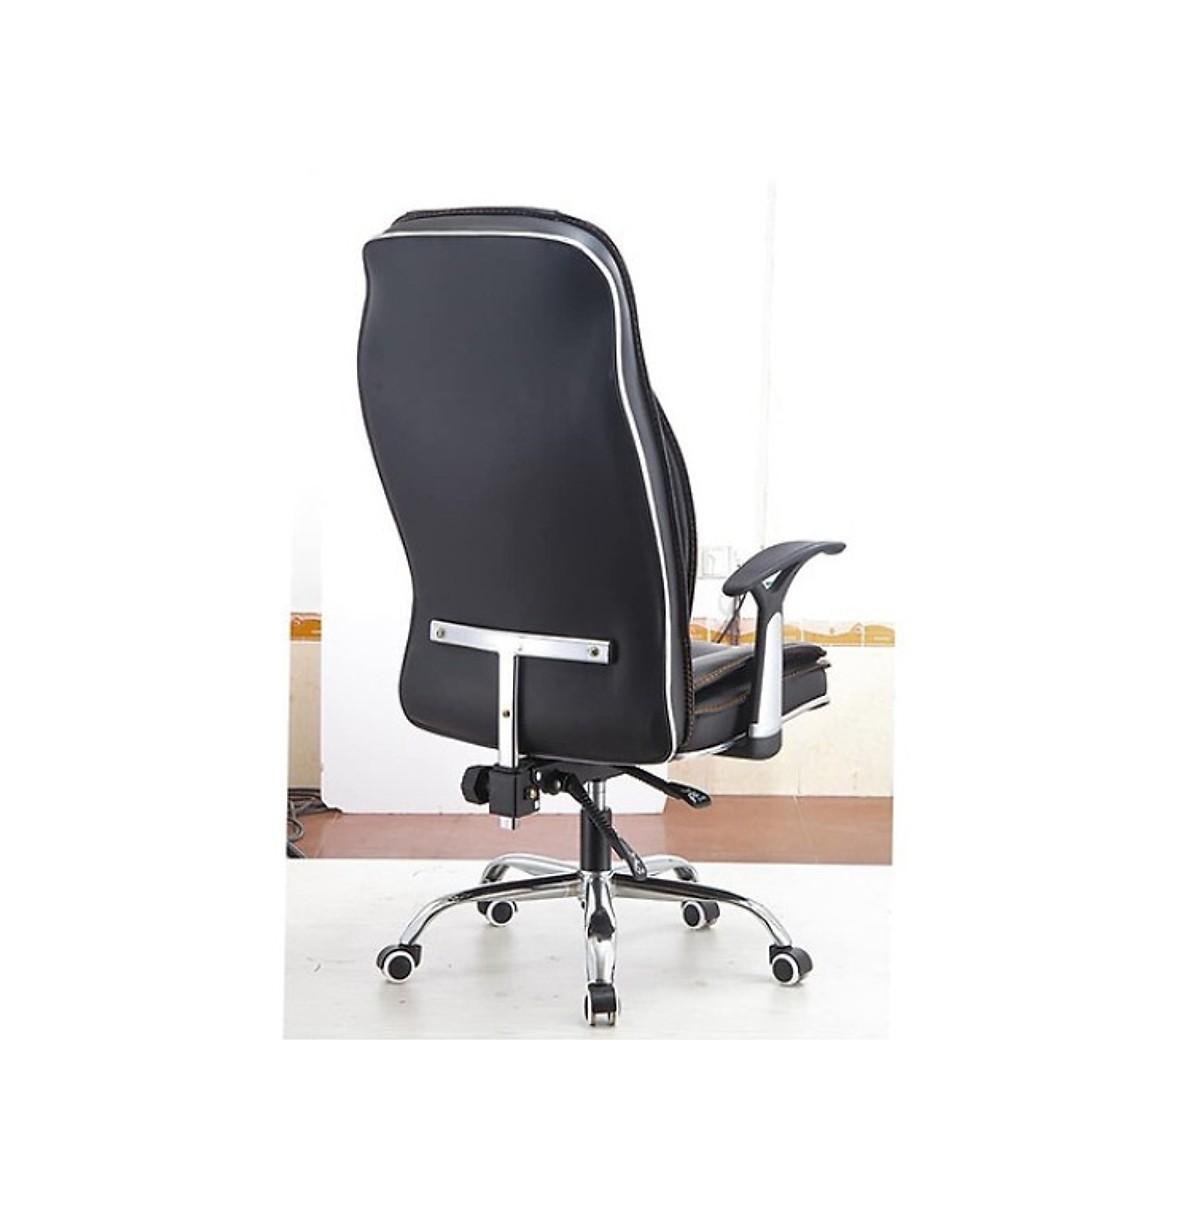 Ghế giám đốc - Ghế xoay văn phòng cao cấp